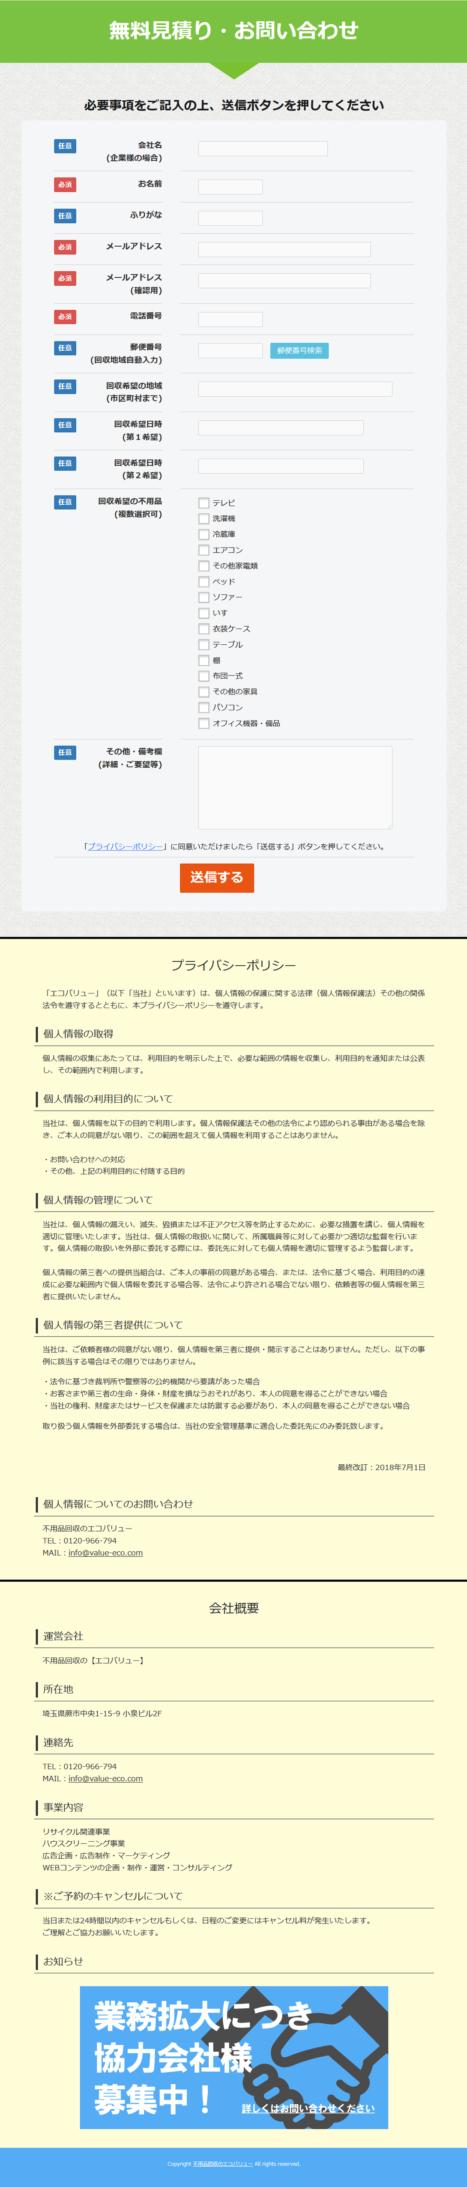 ev_web_04